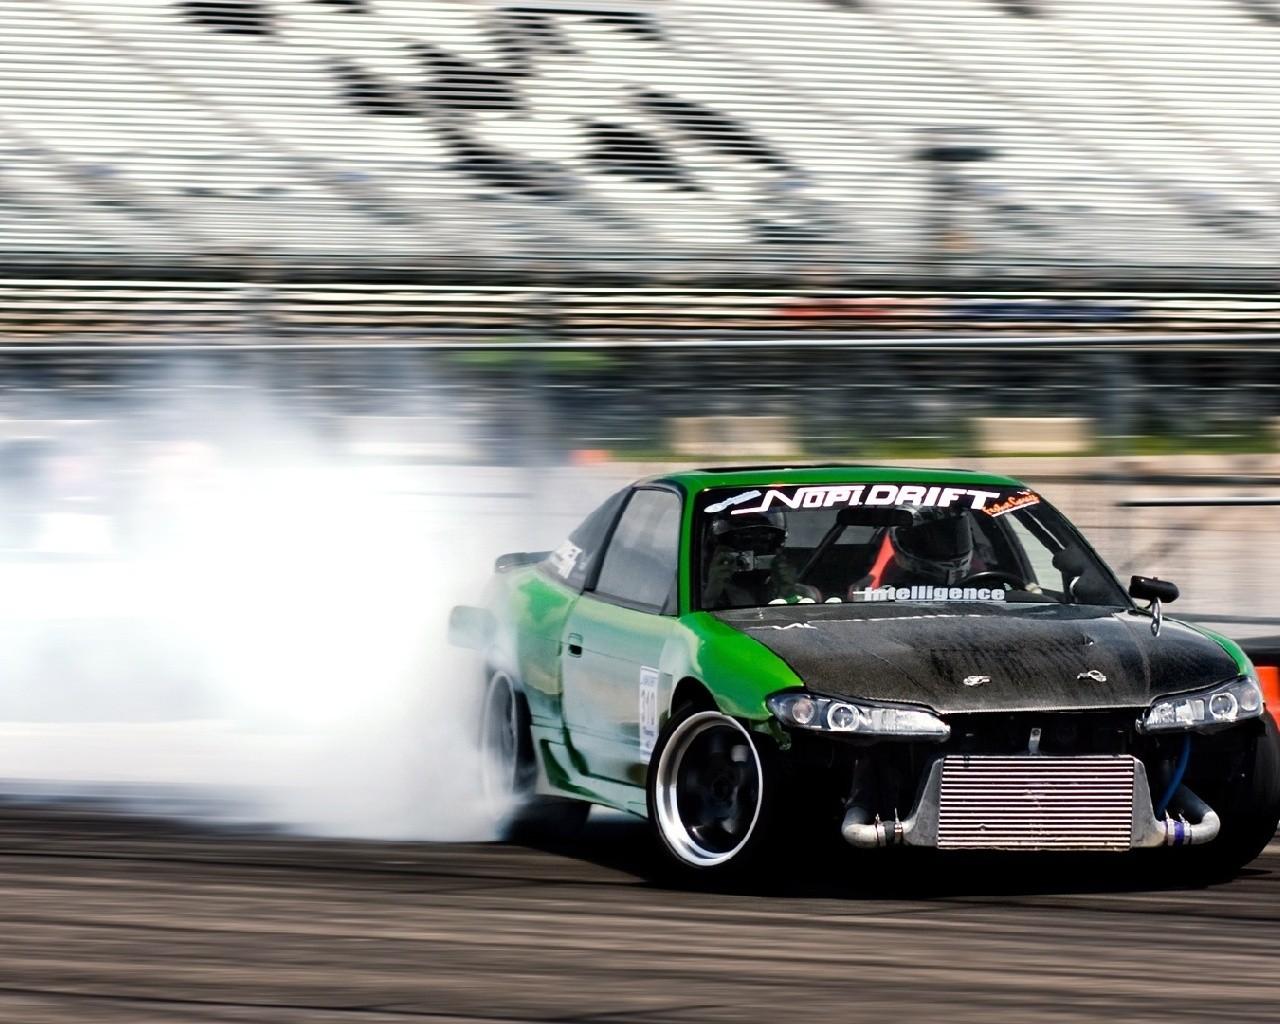 Cars Drifting Wallpaper 1280x1024 Cars Drifting Jdm 1280x1024